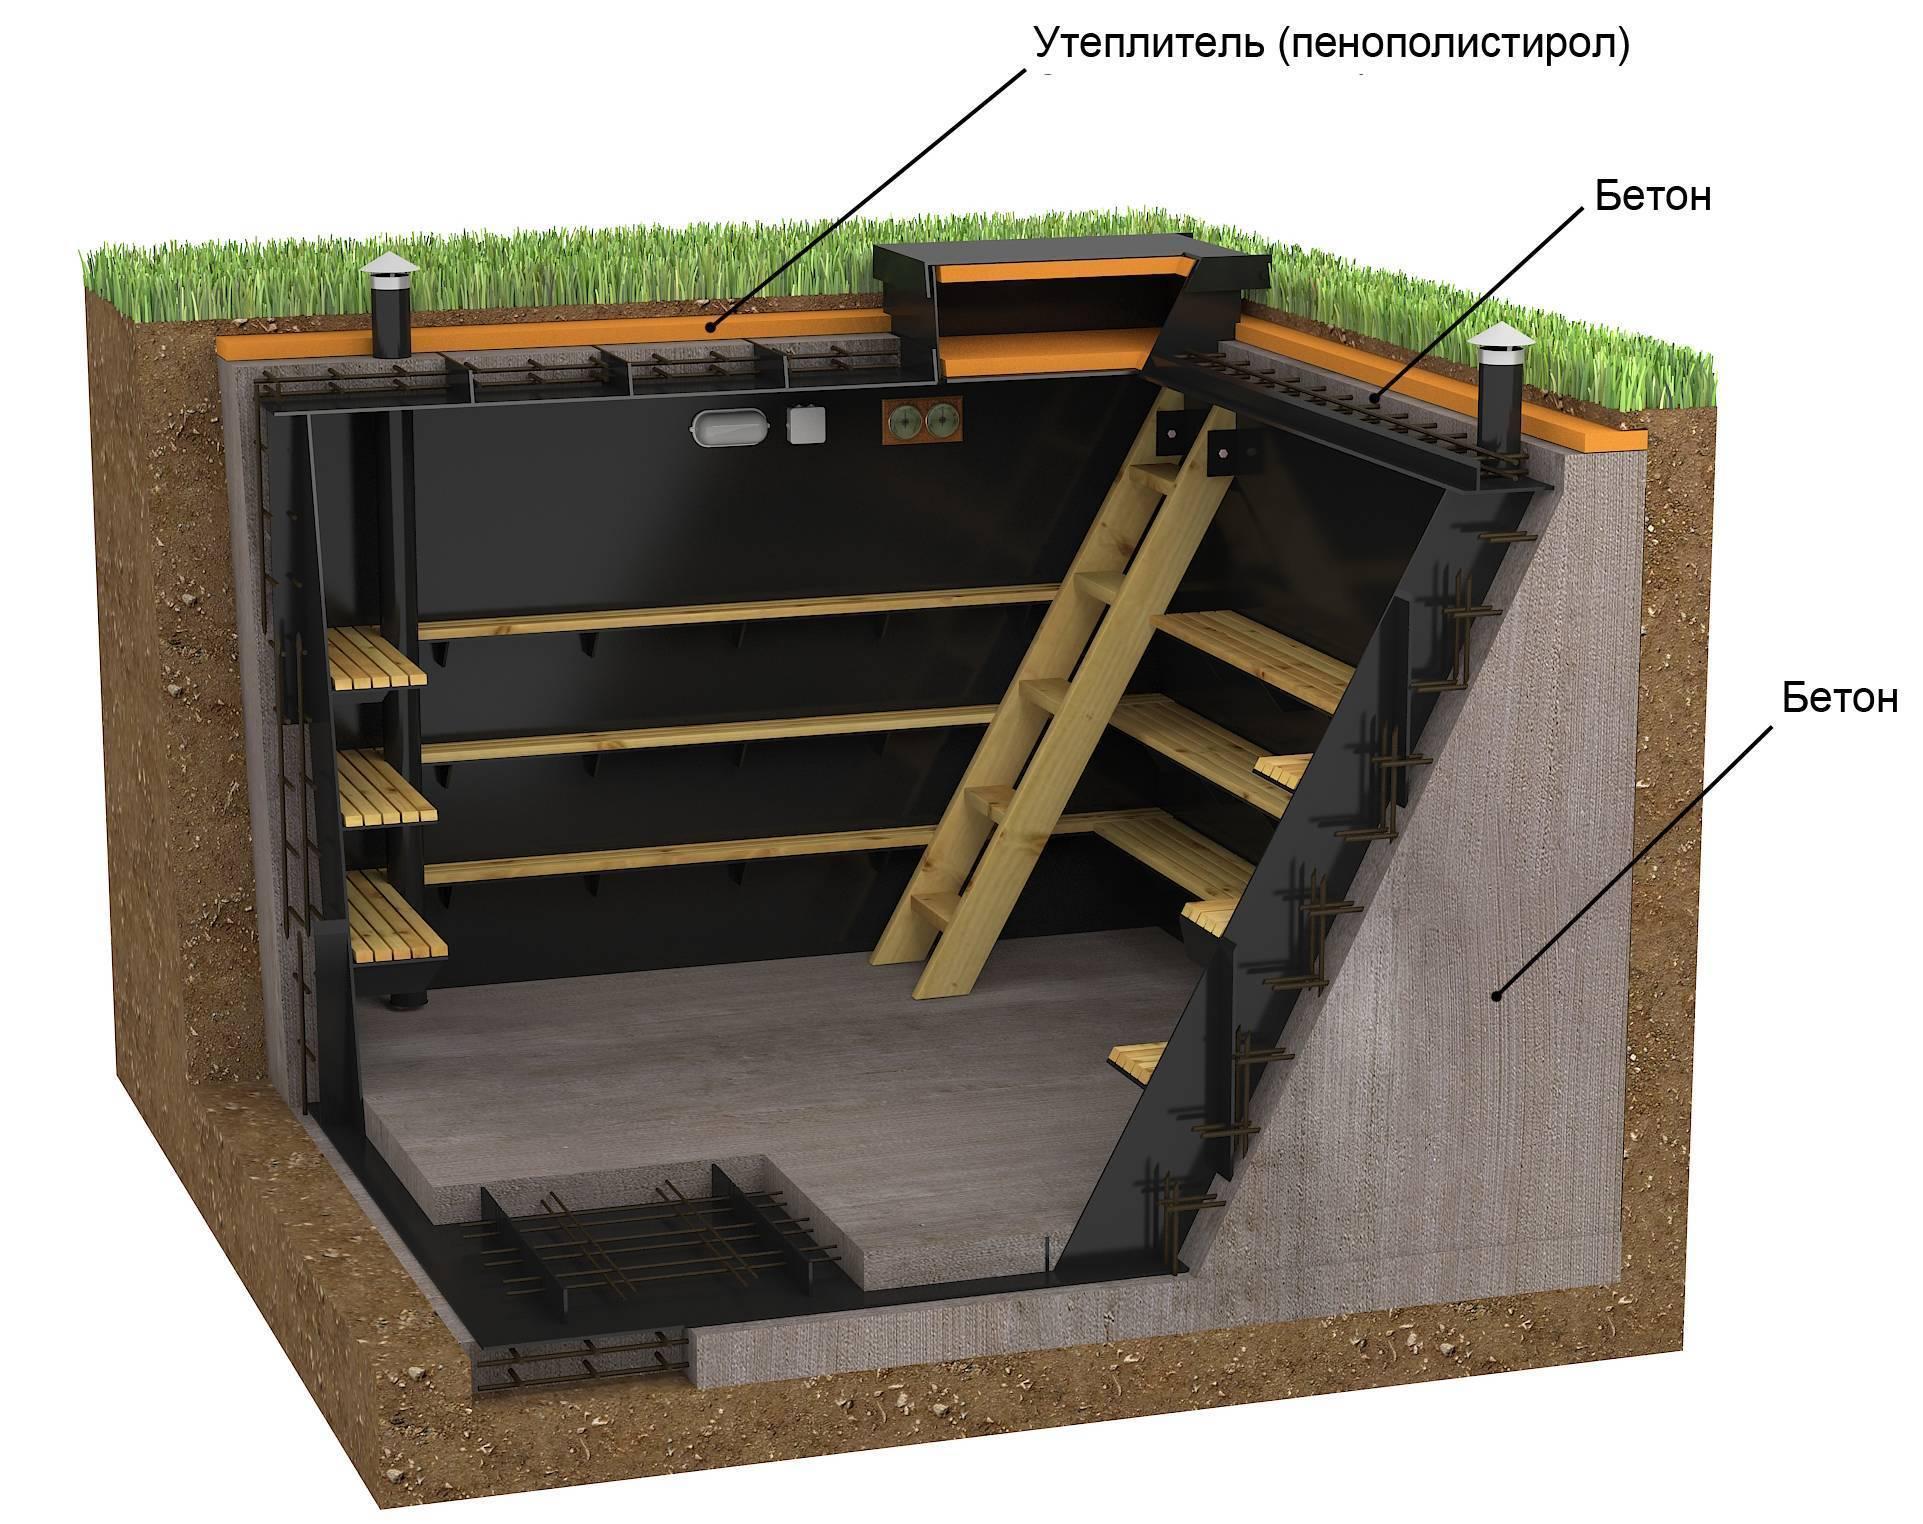 Компостная яма/компостер: какой тип выбрать, как разместить на участке, конструкции и изготовление | вариант юг строй